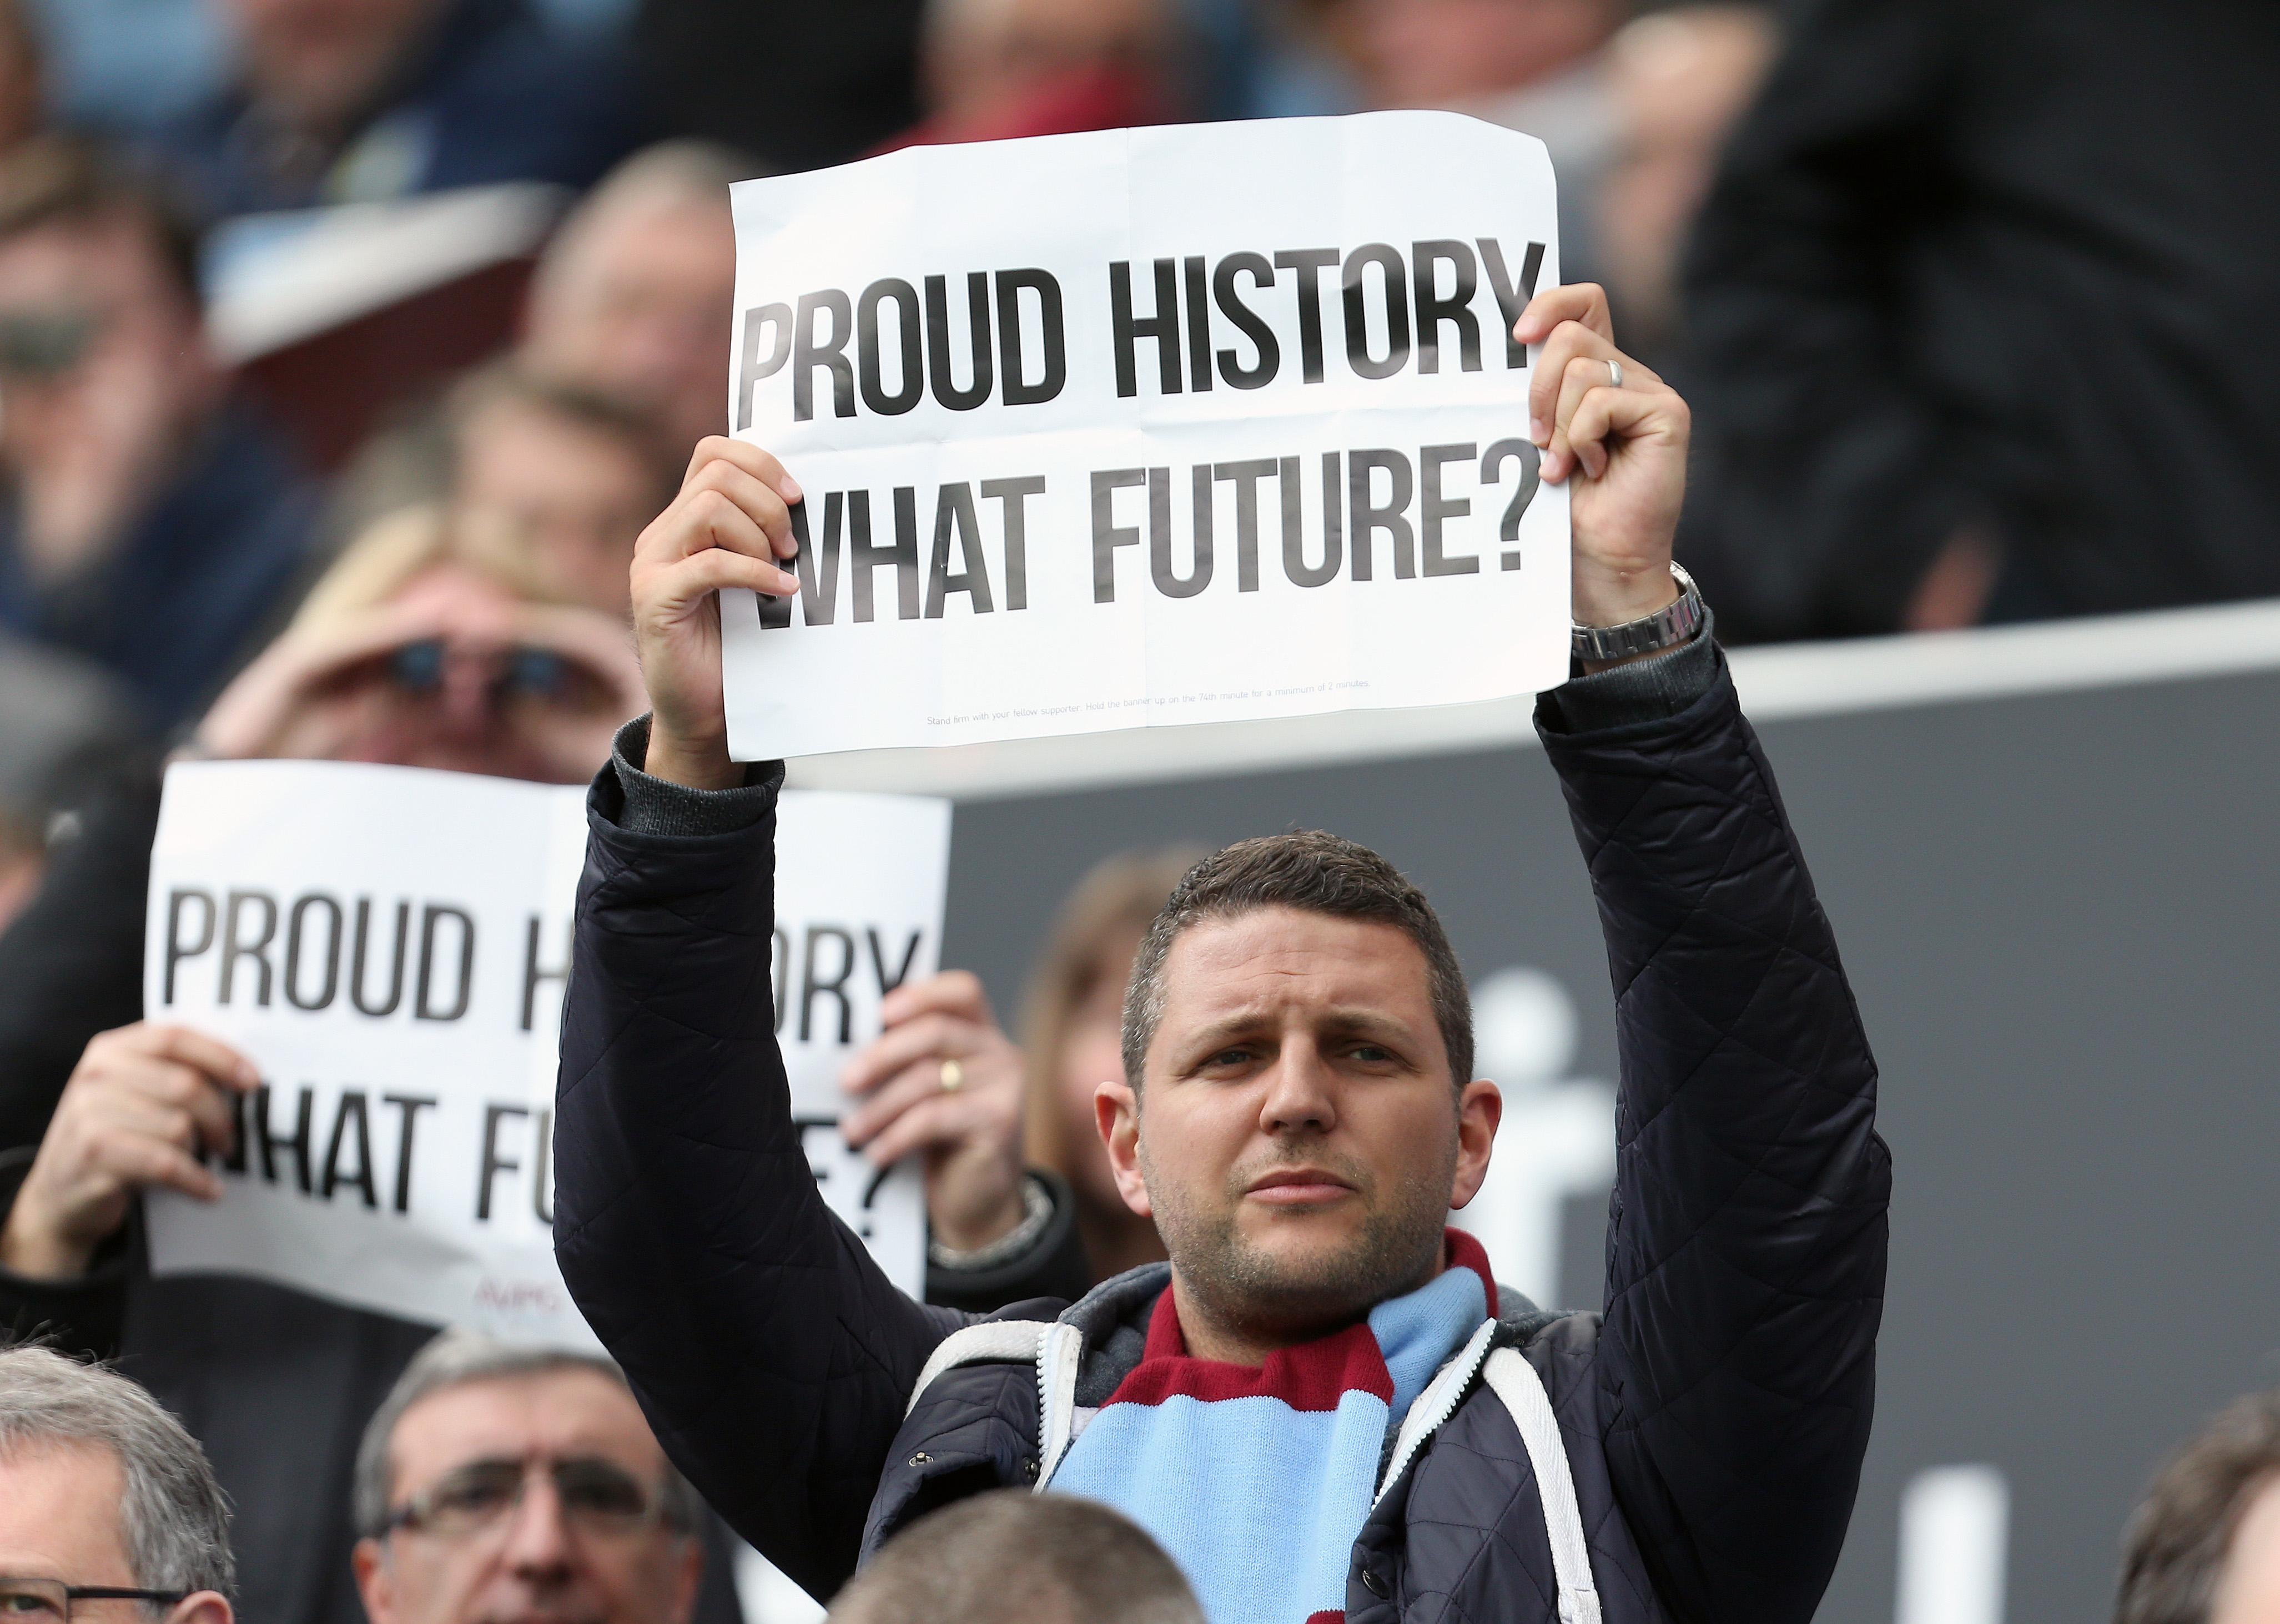 Aston Villa relegated: Randy Lerner? Tom Fox? Tim Sherwood? Who is to blame for Premier League relegation?